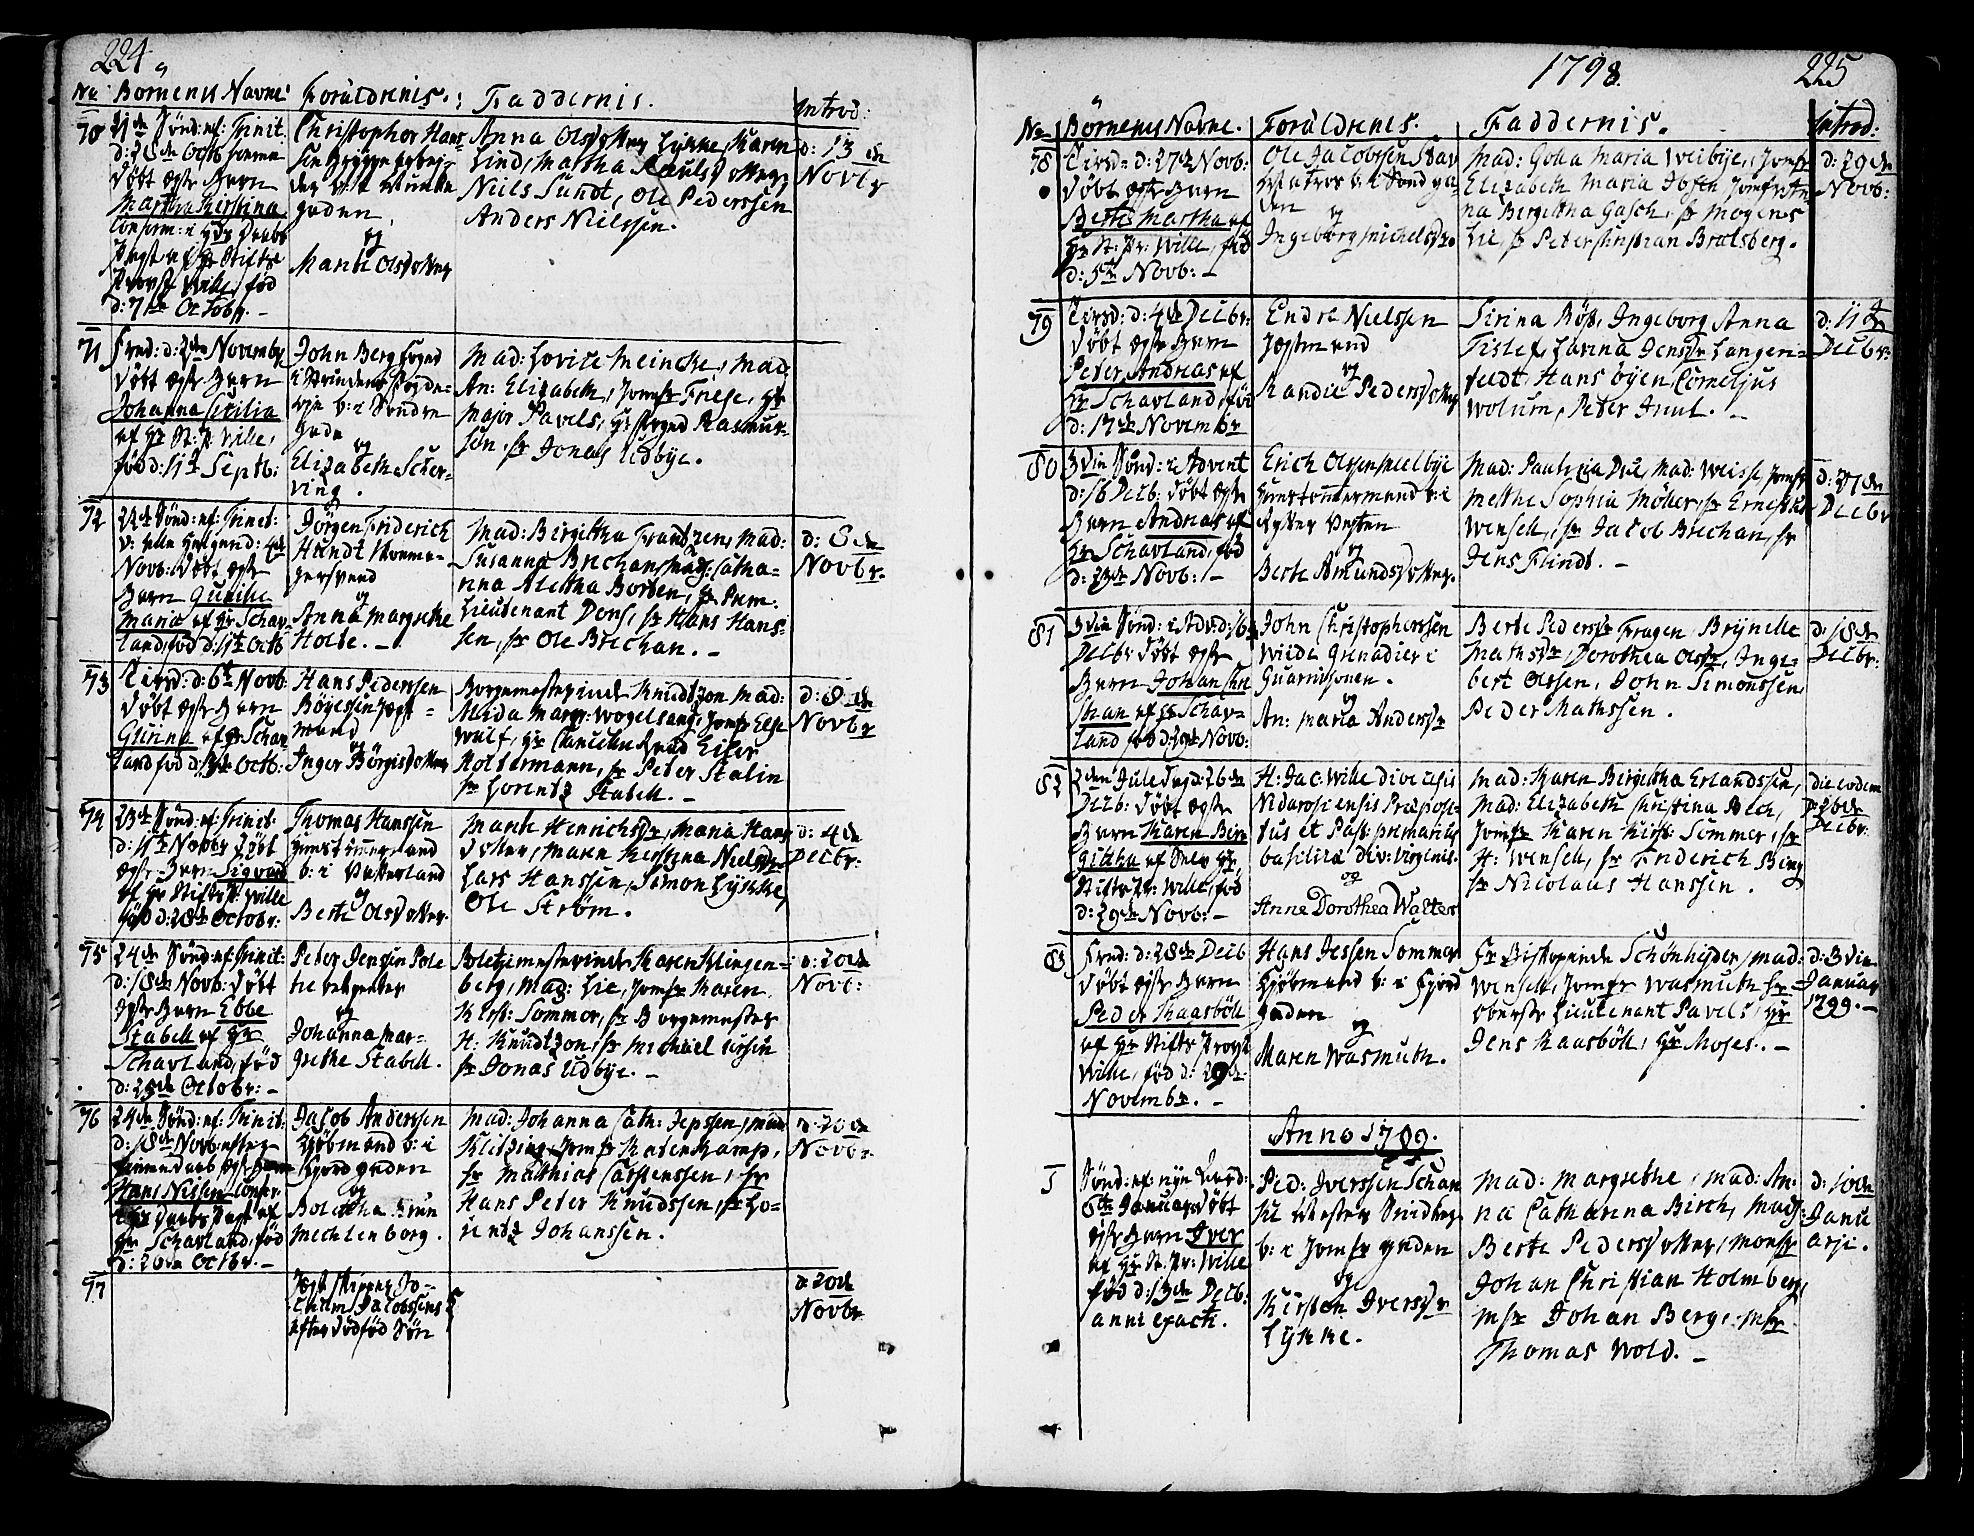 SAT, Ministerialprotokoller, klokkerbøker og fødselsregistre - Sør-Trøndelag, 602/L0104: Ministerialbok nr. 602A02, 1774-1814, s. 224-225